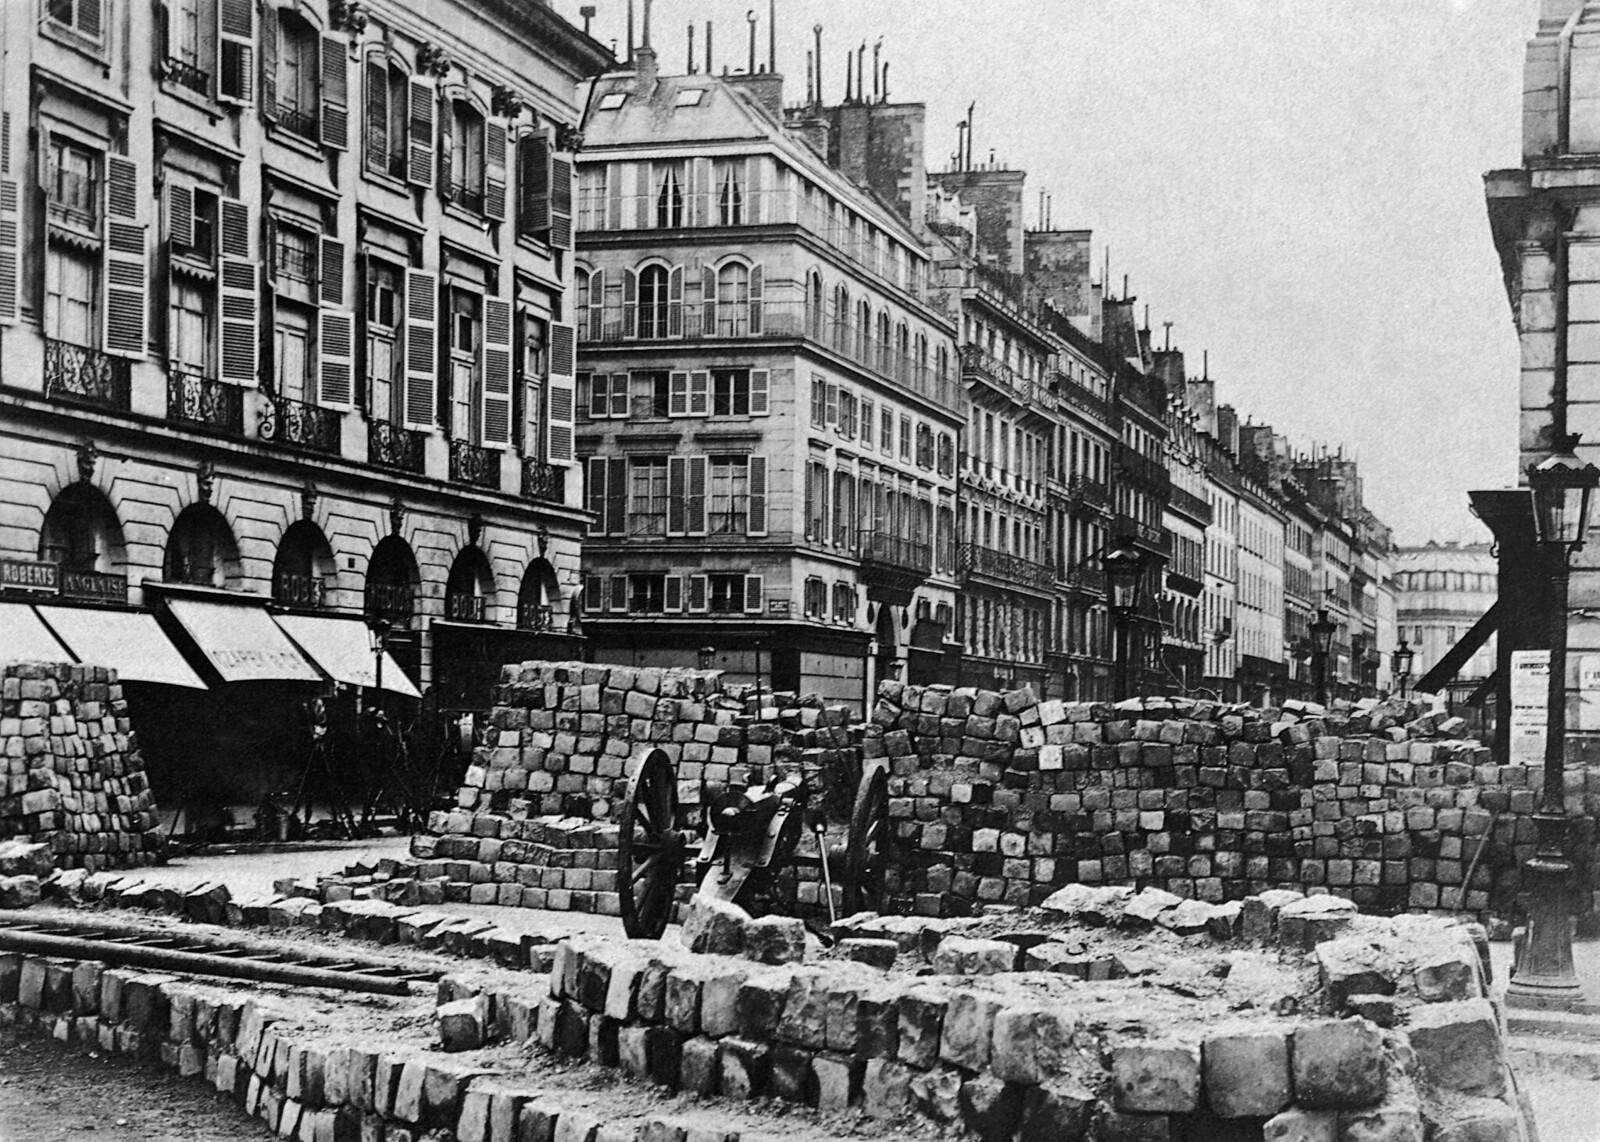 08. 1870. Парижская улица с баррикадой и пушкой во время франко-прусской войны